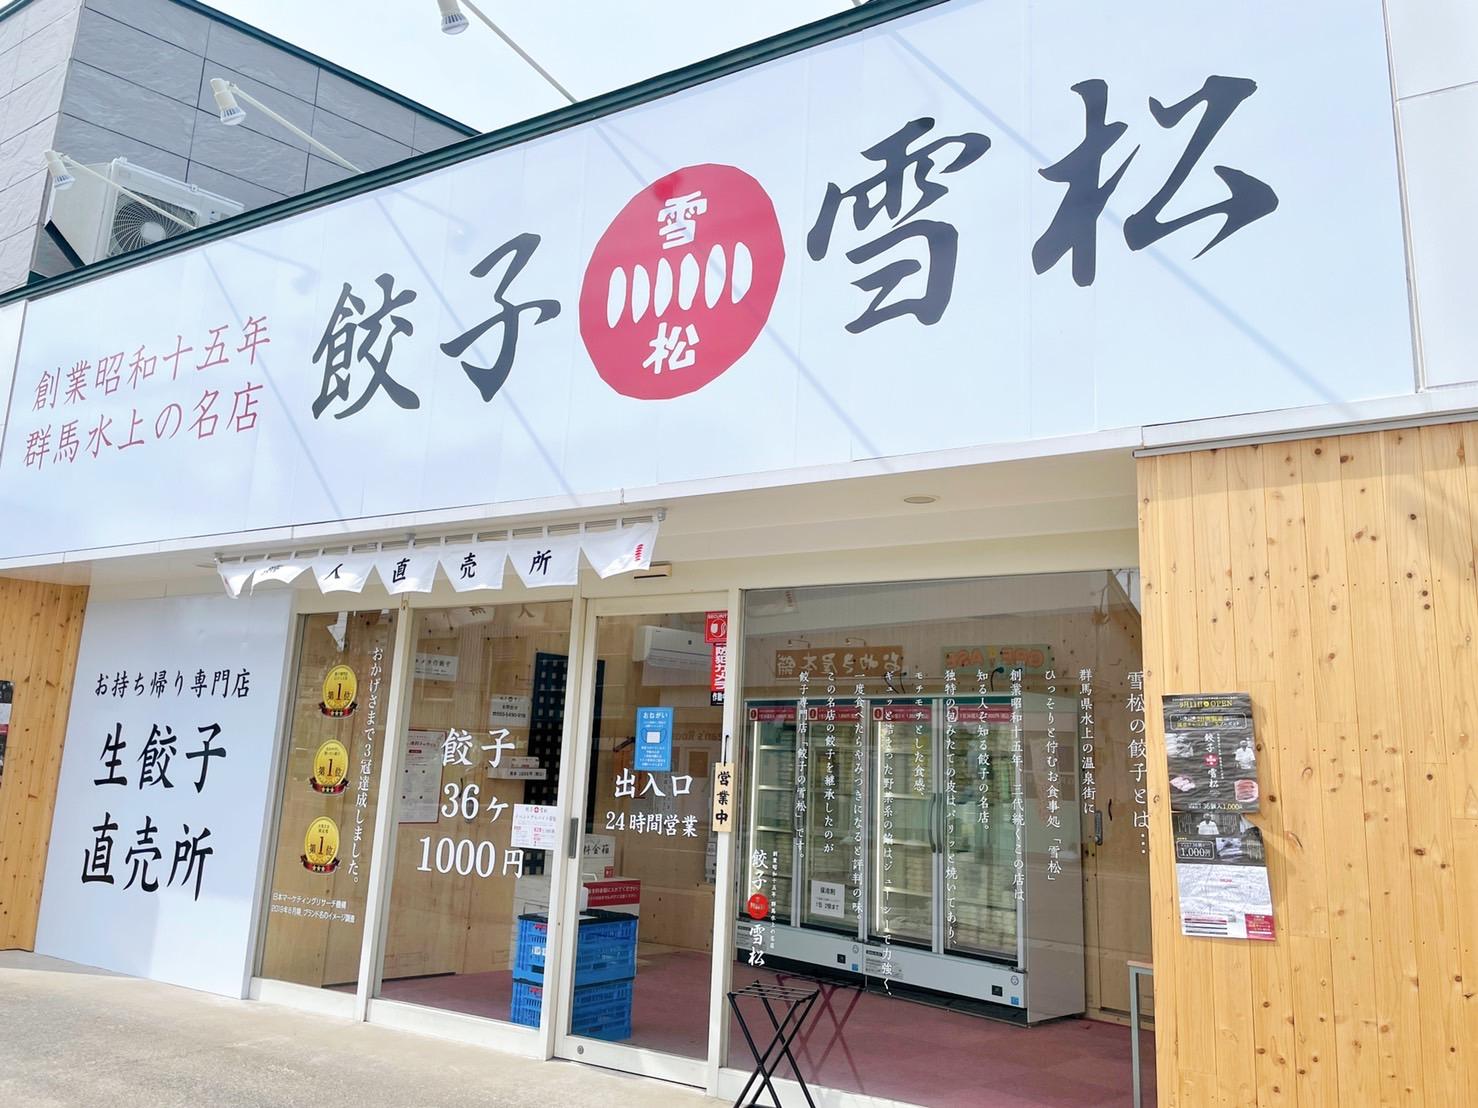 餃子の雪松! 青森浪館店に潜入してみた〜お賽銭箱へお支払い〜